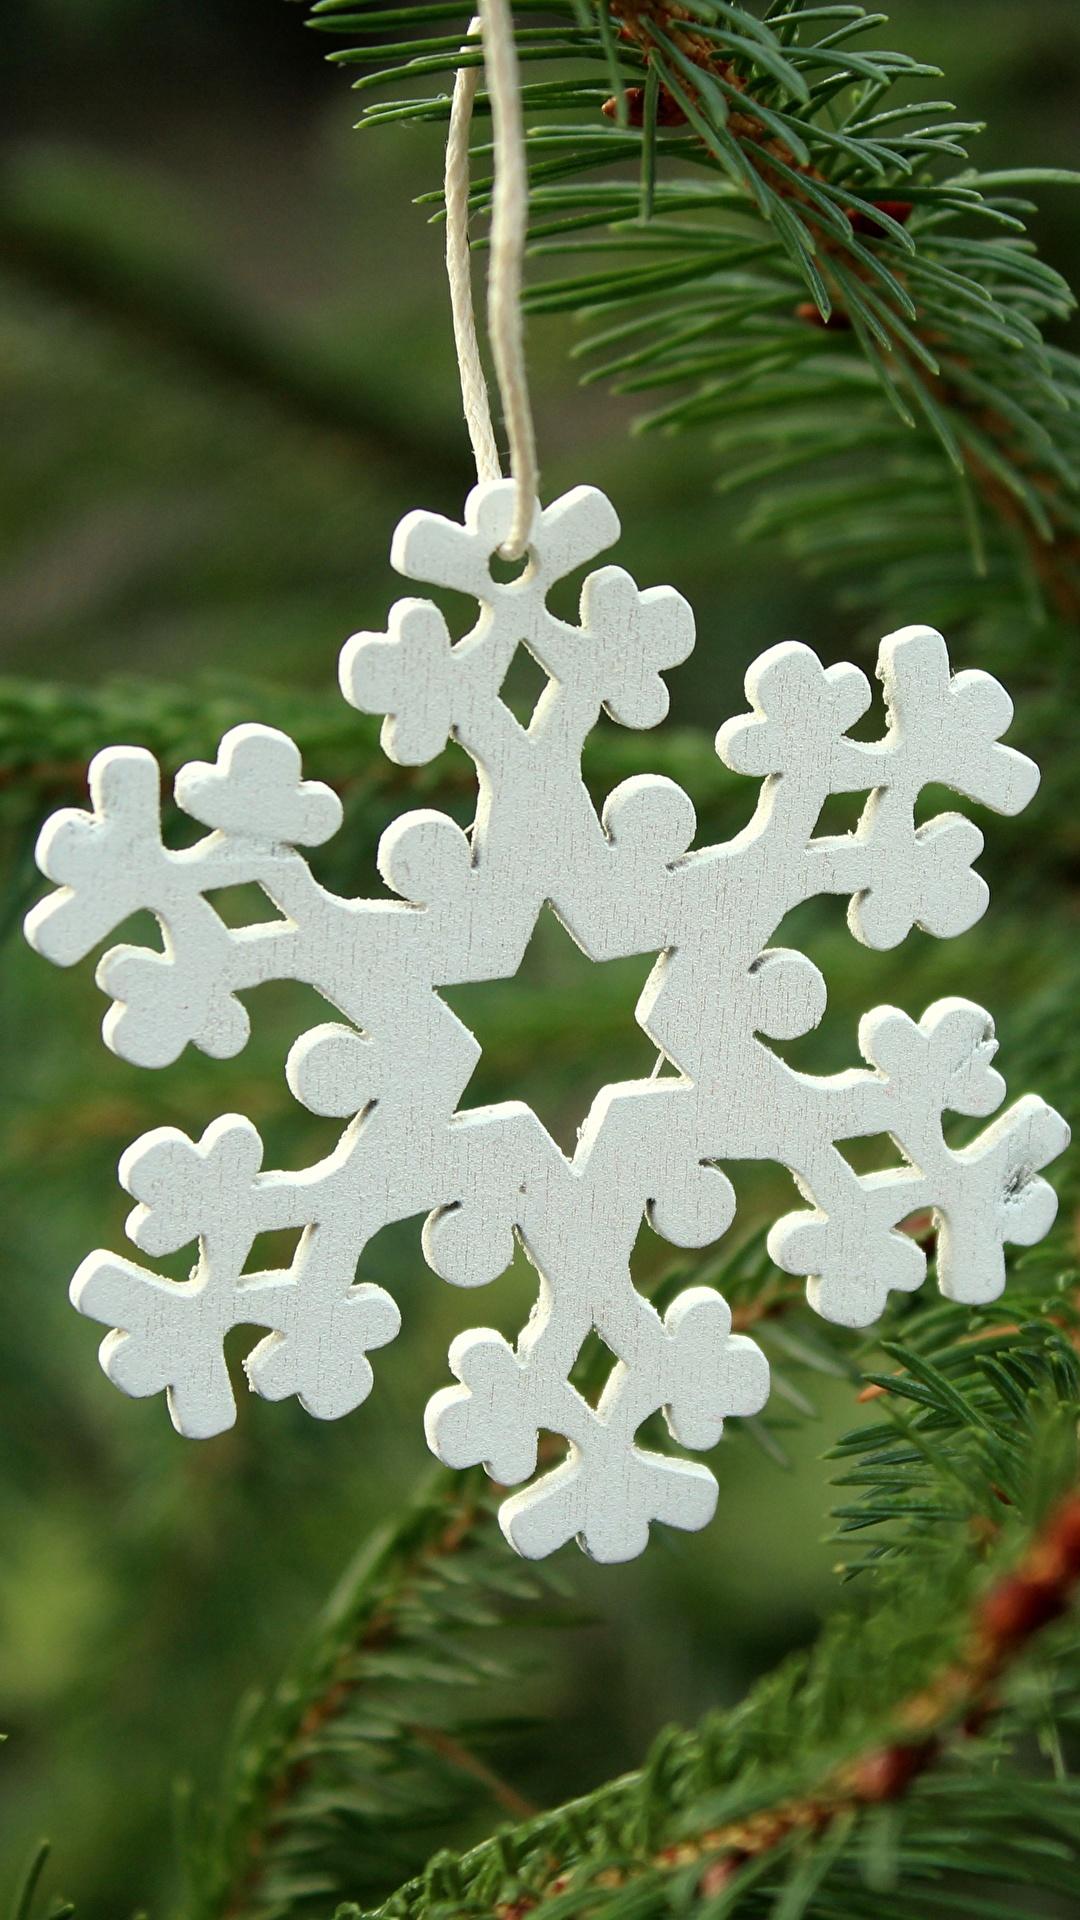 Fotos Neujahr unscharfer Hintergrund Schneeflocken Ast Hölzern hautnah 1080x1920 für Handy Bokeh aus Holz Nahaufnahme Großansicht